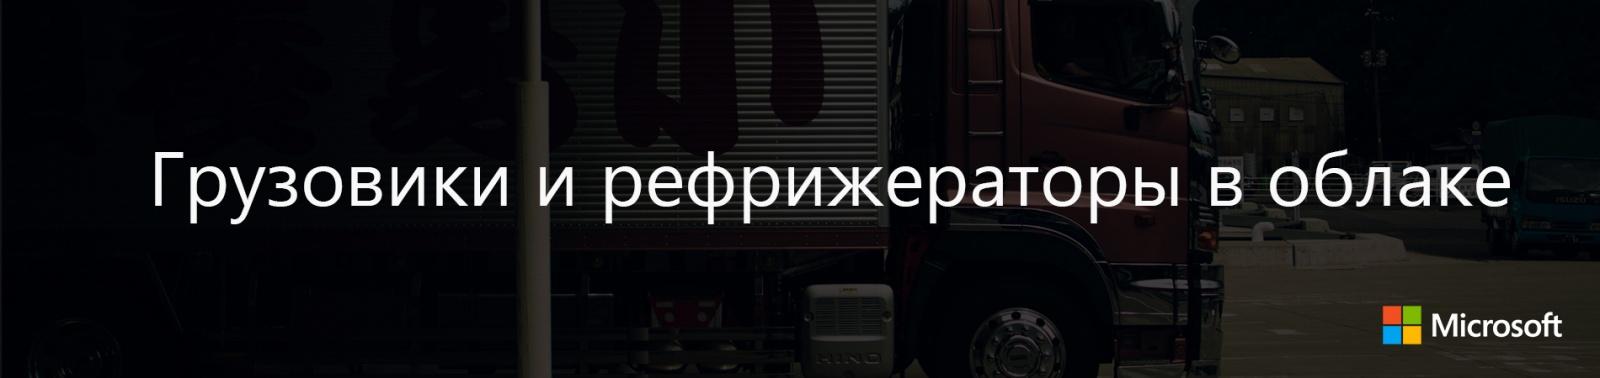 Грузовики и рефрижераторы в облаке - 1